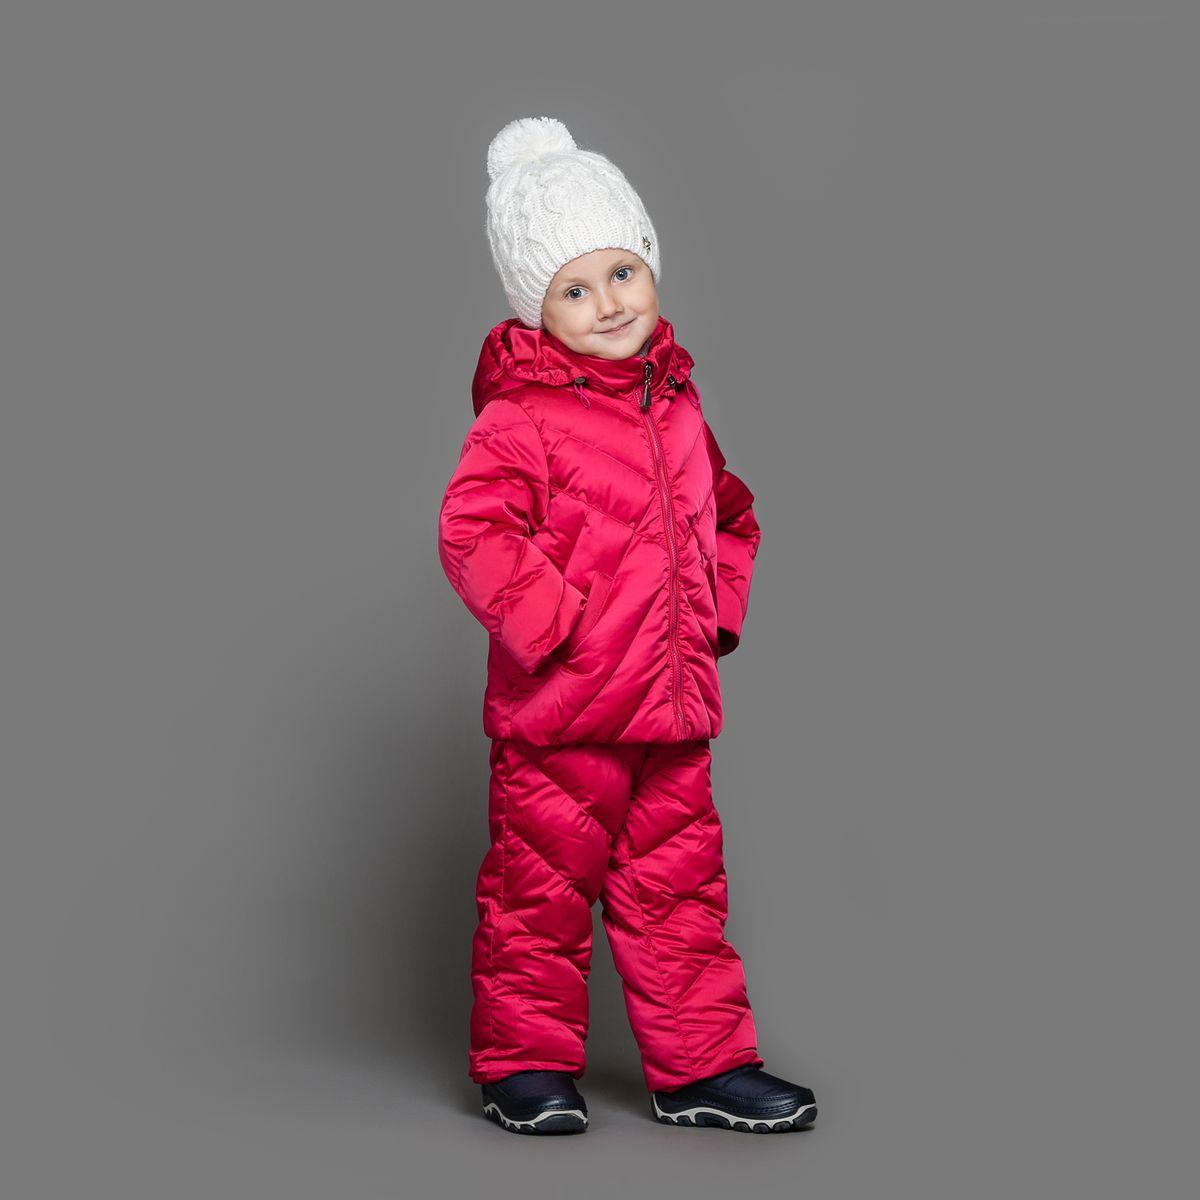 39-151Теплый комплект Ёмаё идеально подойдет для ребенка в холодное время года. Комплект состоит из куртки и полукомбинезона, изготовленных из водоотталкивающей ткани с утеплителем из синтепуха. Подкладка выполнена из полиэстера. Куртка застегивается на пластиковую застежку-молнию и дополнена капюшоном на кулиске. Низ рукавов с внутренними трикотажными манжетами - дополнительная защита от ветра и снега. Предусмотрены два прорезных кармана. Полукомбинезон с небольшой грудкой застегивается на пластиковую застежку-молнию и имеет наплечные лямки с пластиковым карабином, регулируемые по длине. Спереди он оформлен двумя втачными кармашками. На талии предусмотрена широкая эластичная резинка, которая позволяет надежно заправить в брюки водолазку или свитер. Снизу брючины дополнены внутренними манжетами с настроченной эластичной тесьмой с латексной нитью (антискользящая), которая фиксирует брючины на сапогах и предохраняет от попадания снега. Все молнии с внутренними...